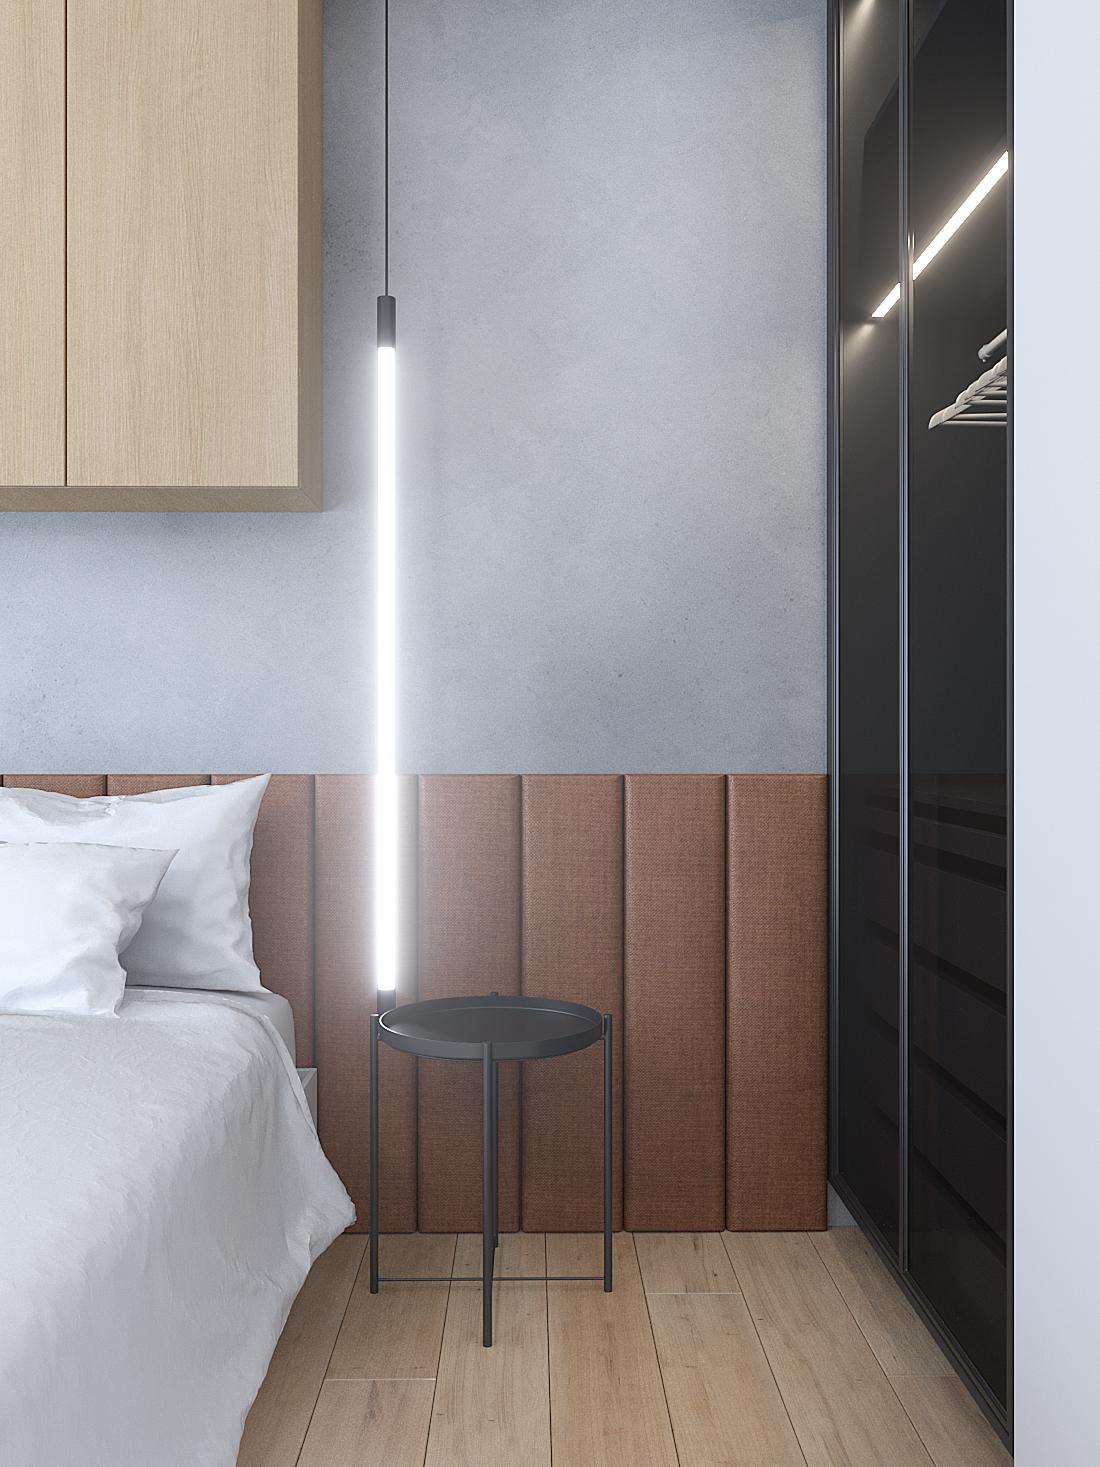 15 aranzacja wnetrz M387 mieszkanie Katowice sypialnia zaglowek na scianie lampa wiszaca beton na scianie